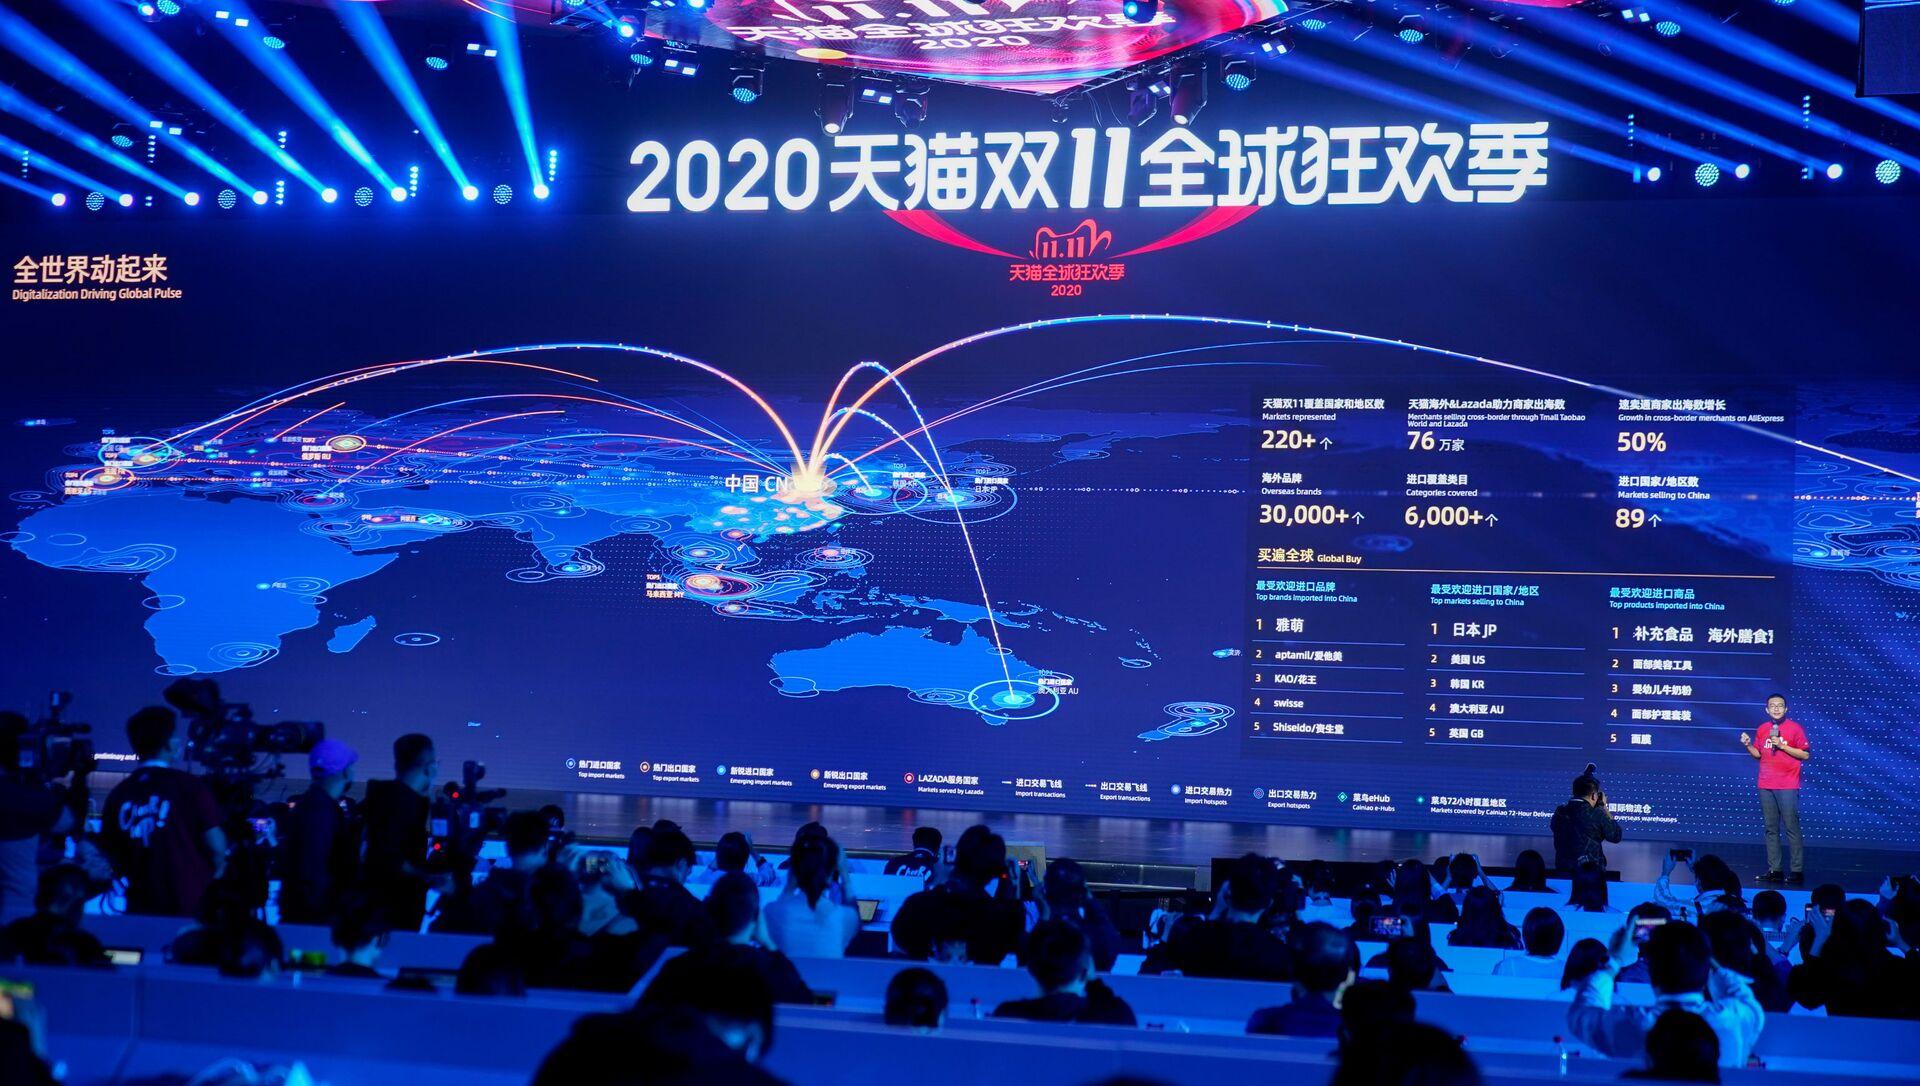 Alibaba medya merkezinde 11 Kasım 2020 Bekarlar Günü küresel alışveriş festivalindeki ticaret hacmi an be an dev ekrana yansıtıldı. - Sputnik Türkiye, 1920, 03.02.2021